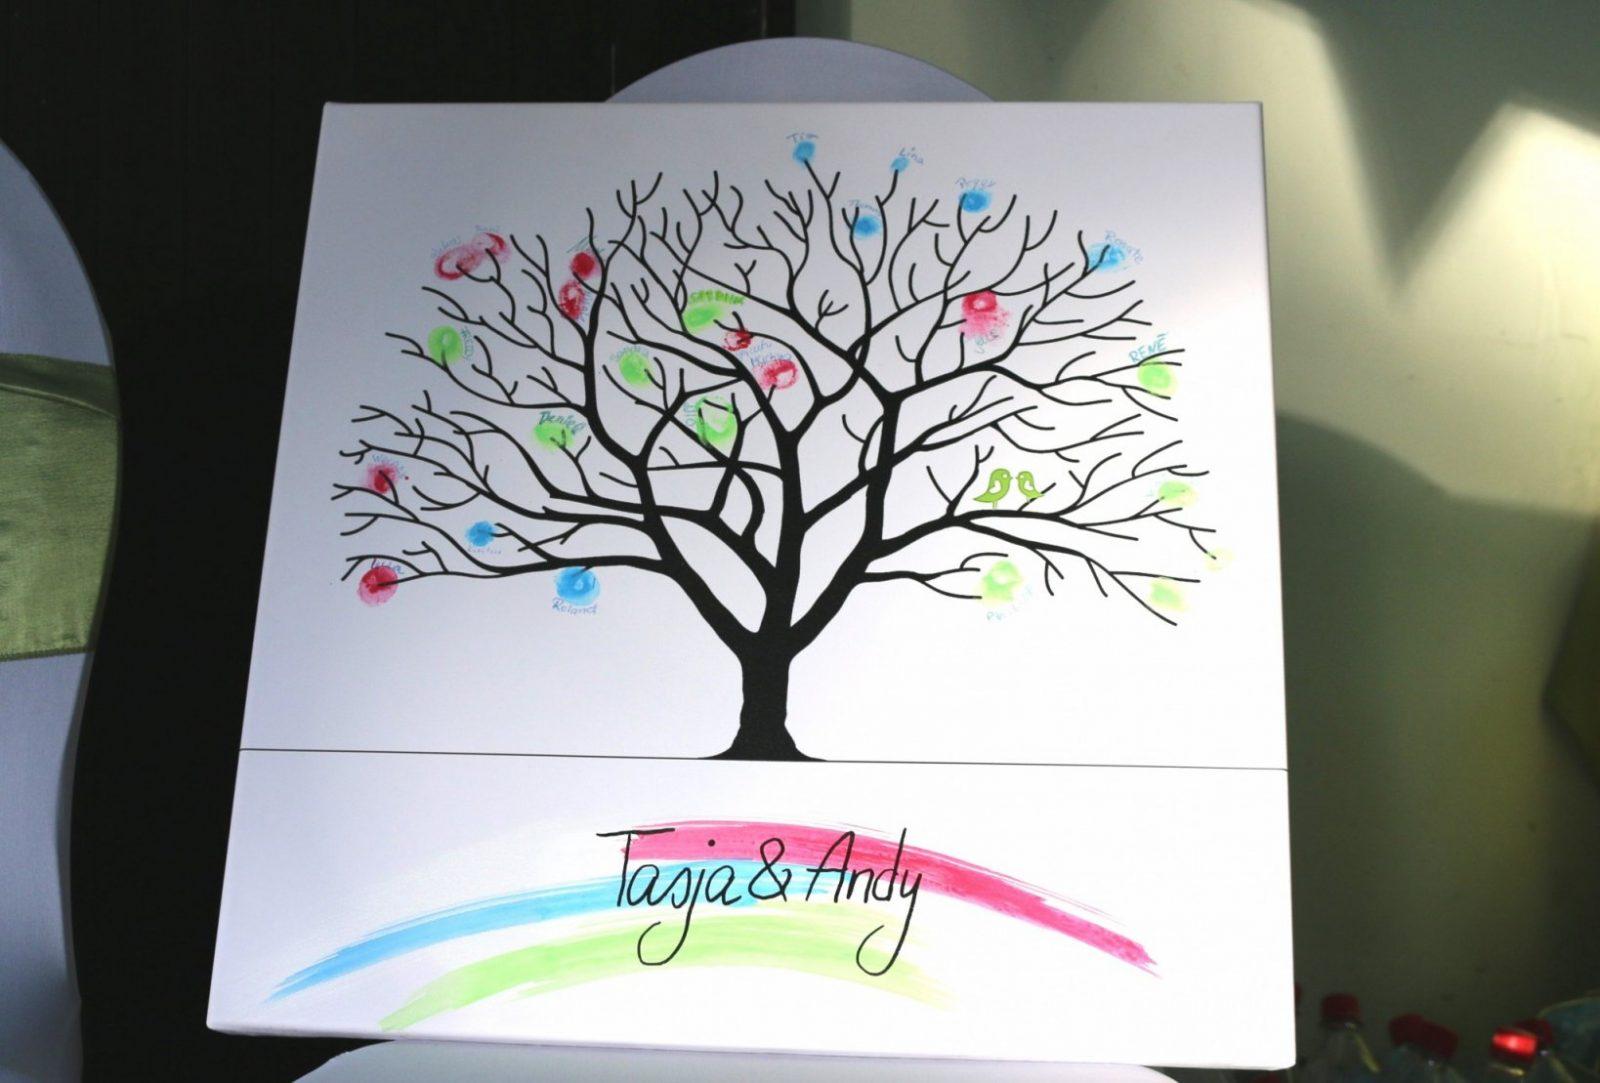 Hochzeitsbaum Auf Leinwand Selbst Gestalten von Bilder Auf Leinwand Selbst Gestalten Bild